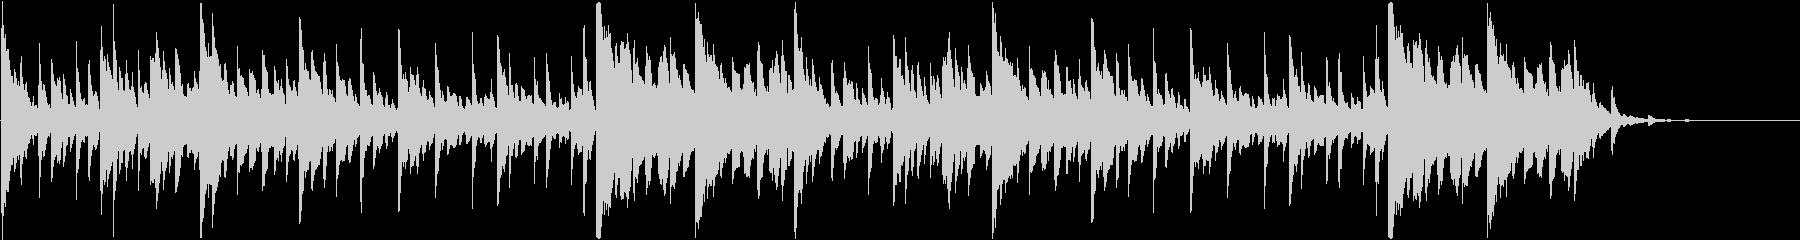 透明感のあるスロー映像・ピアノ・ループの未再生の波形